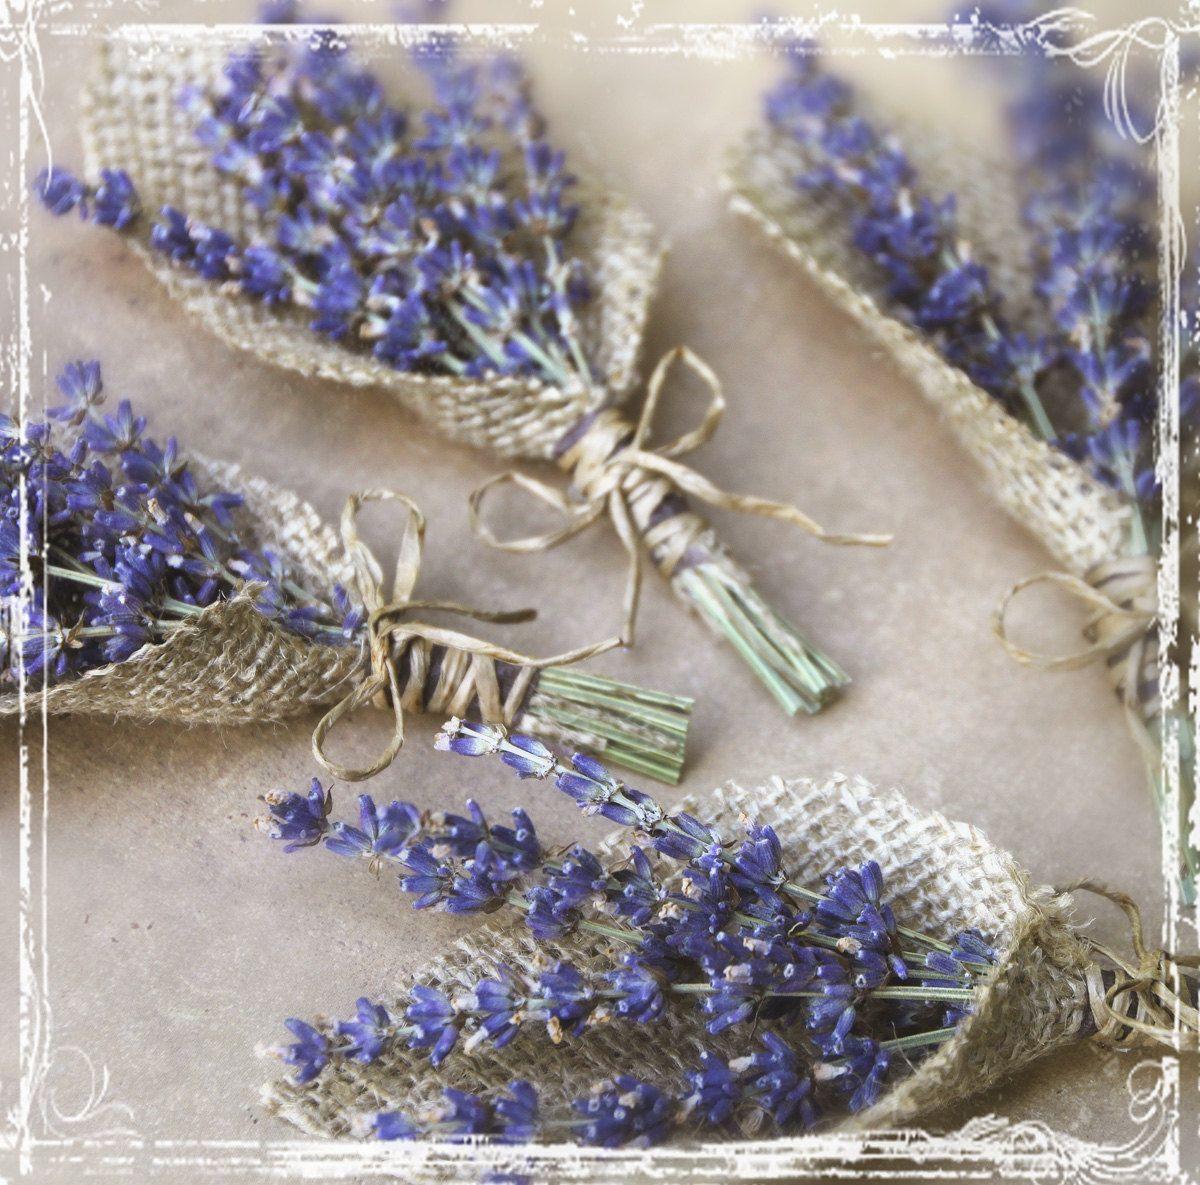 Lavender And Burlap Boutonniere - Herb Weddings - European Elegant Wedding - Purple Dried Flower - Groomsmen, Groom - Herbal Lapel Pin. $12.00, via Etsy.